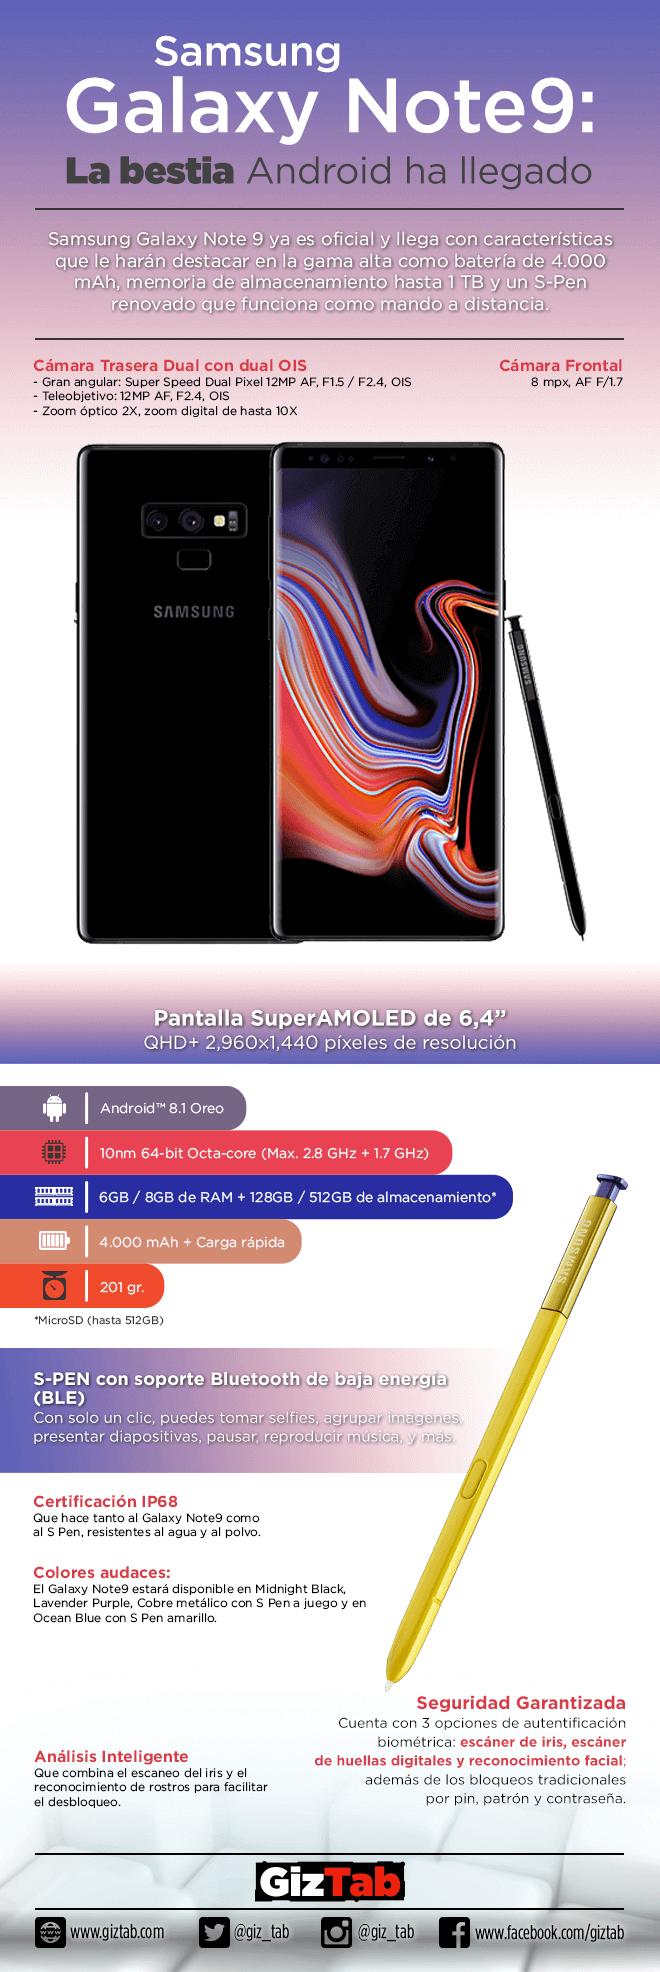 Principales características del Galaxy Note9